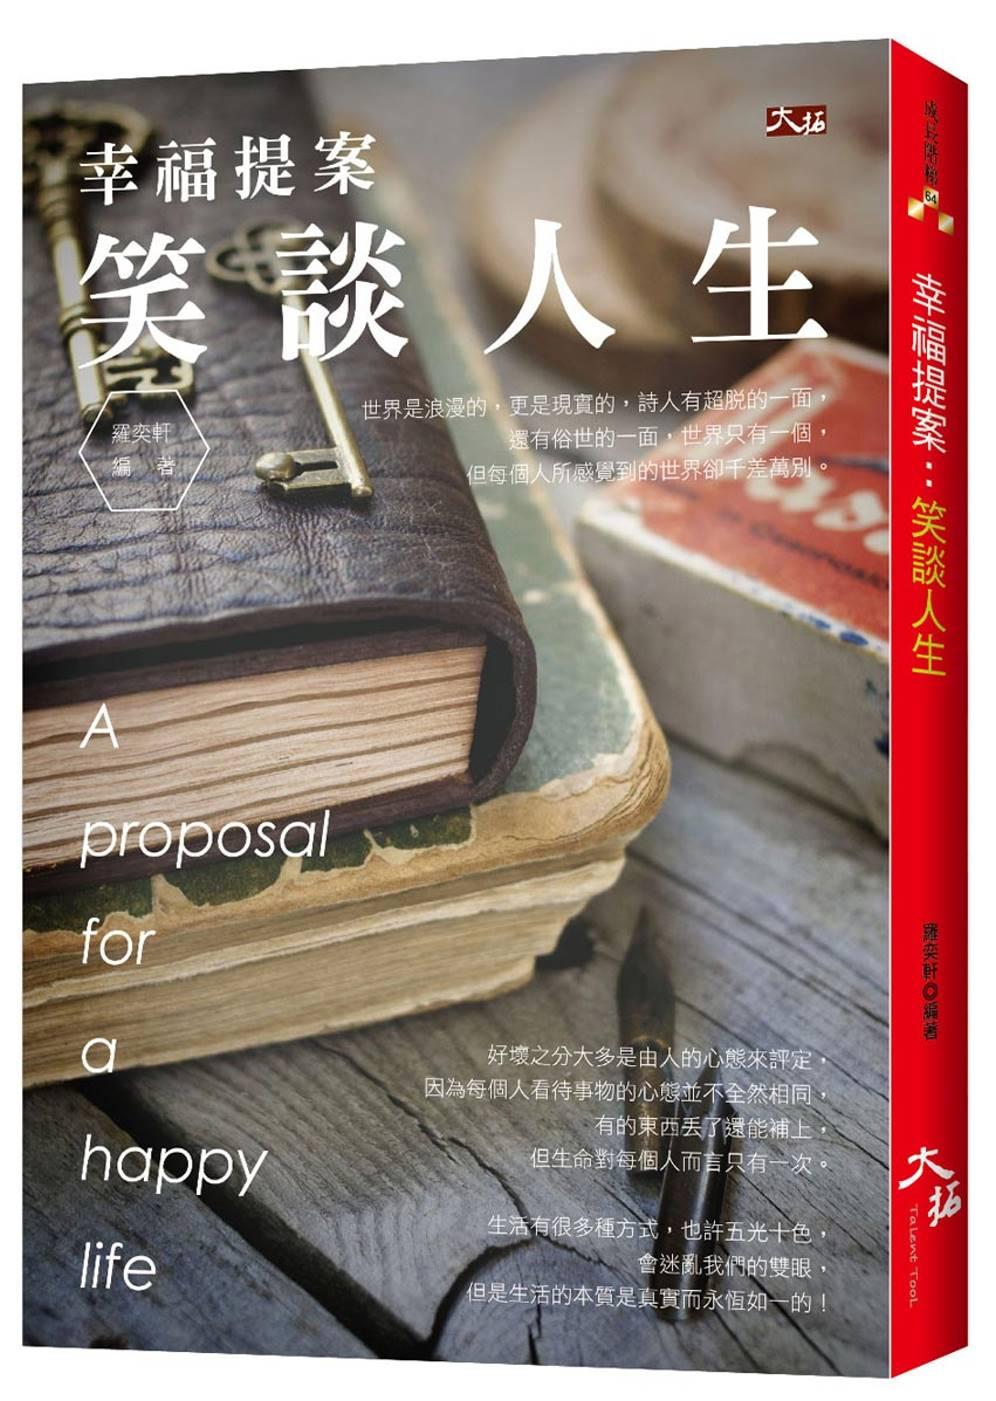 幸福提案:笑談人生